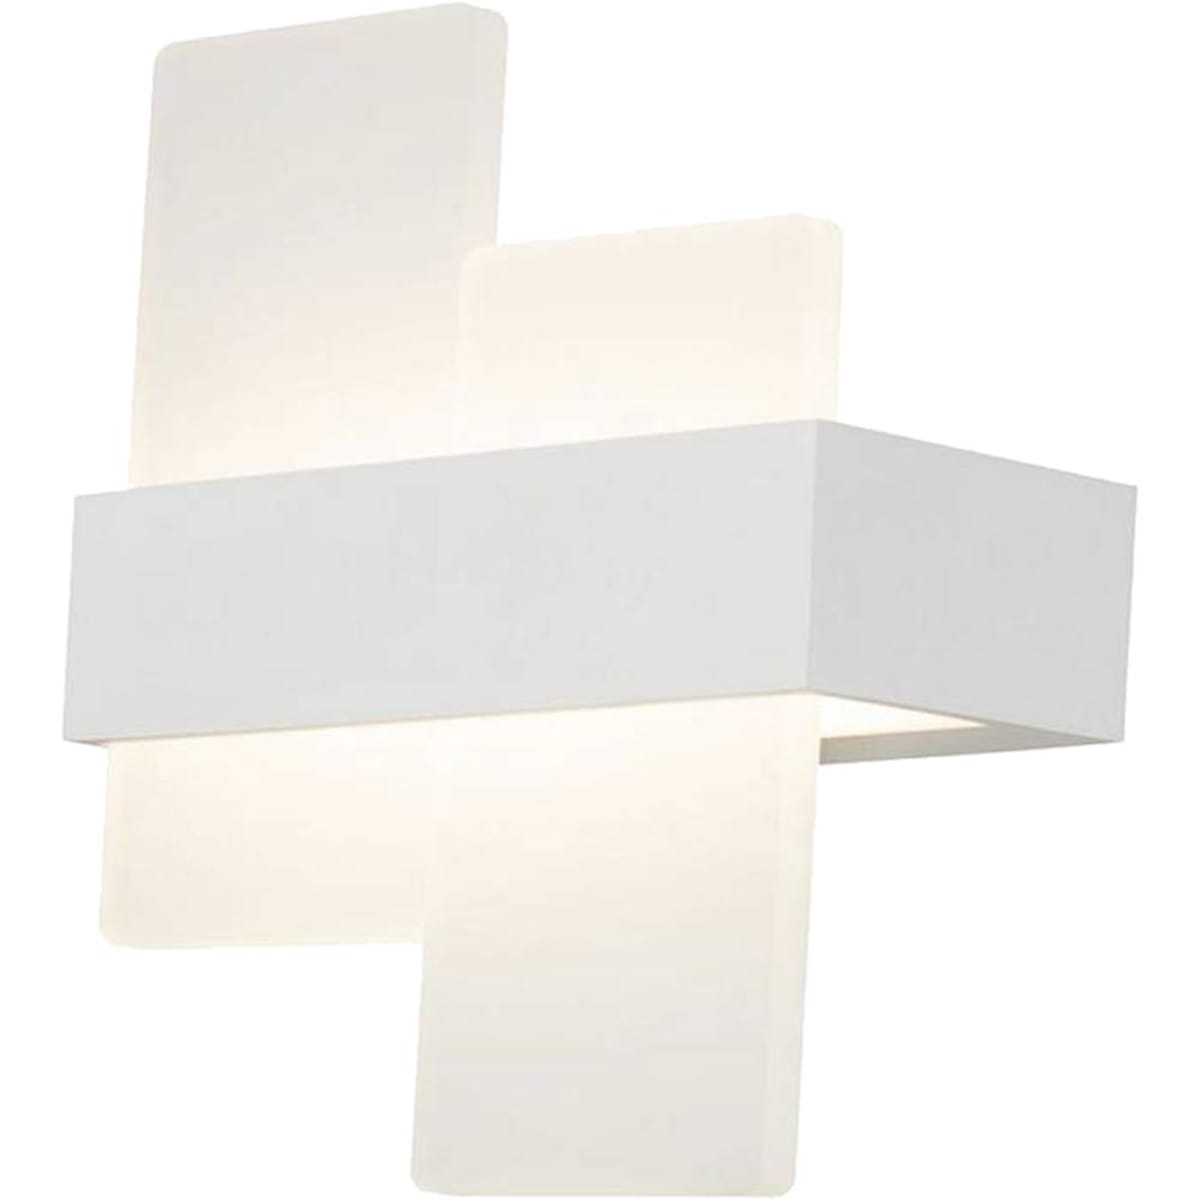 Бра светодиодный Maytoni Mix C817WL-L10W, 10W теплый белый свет цвет белый